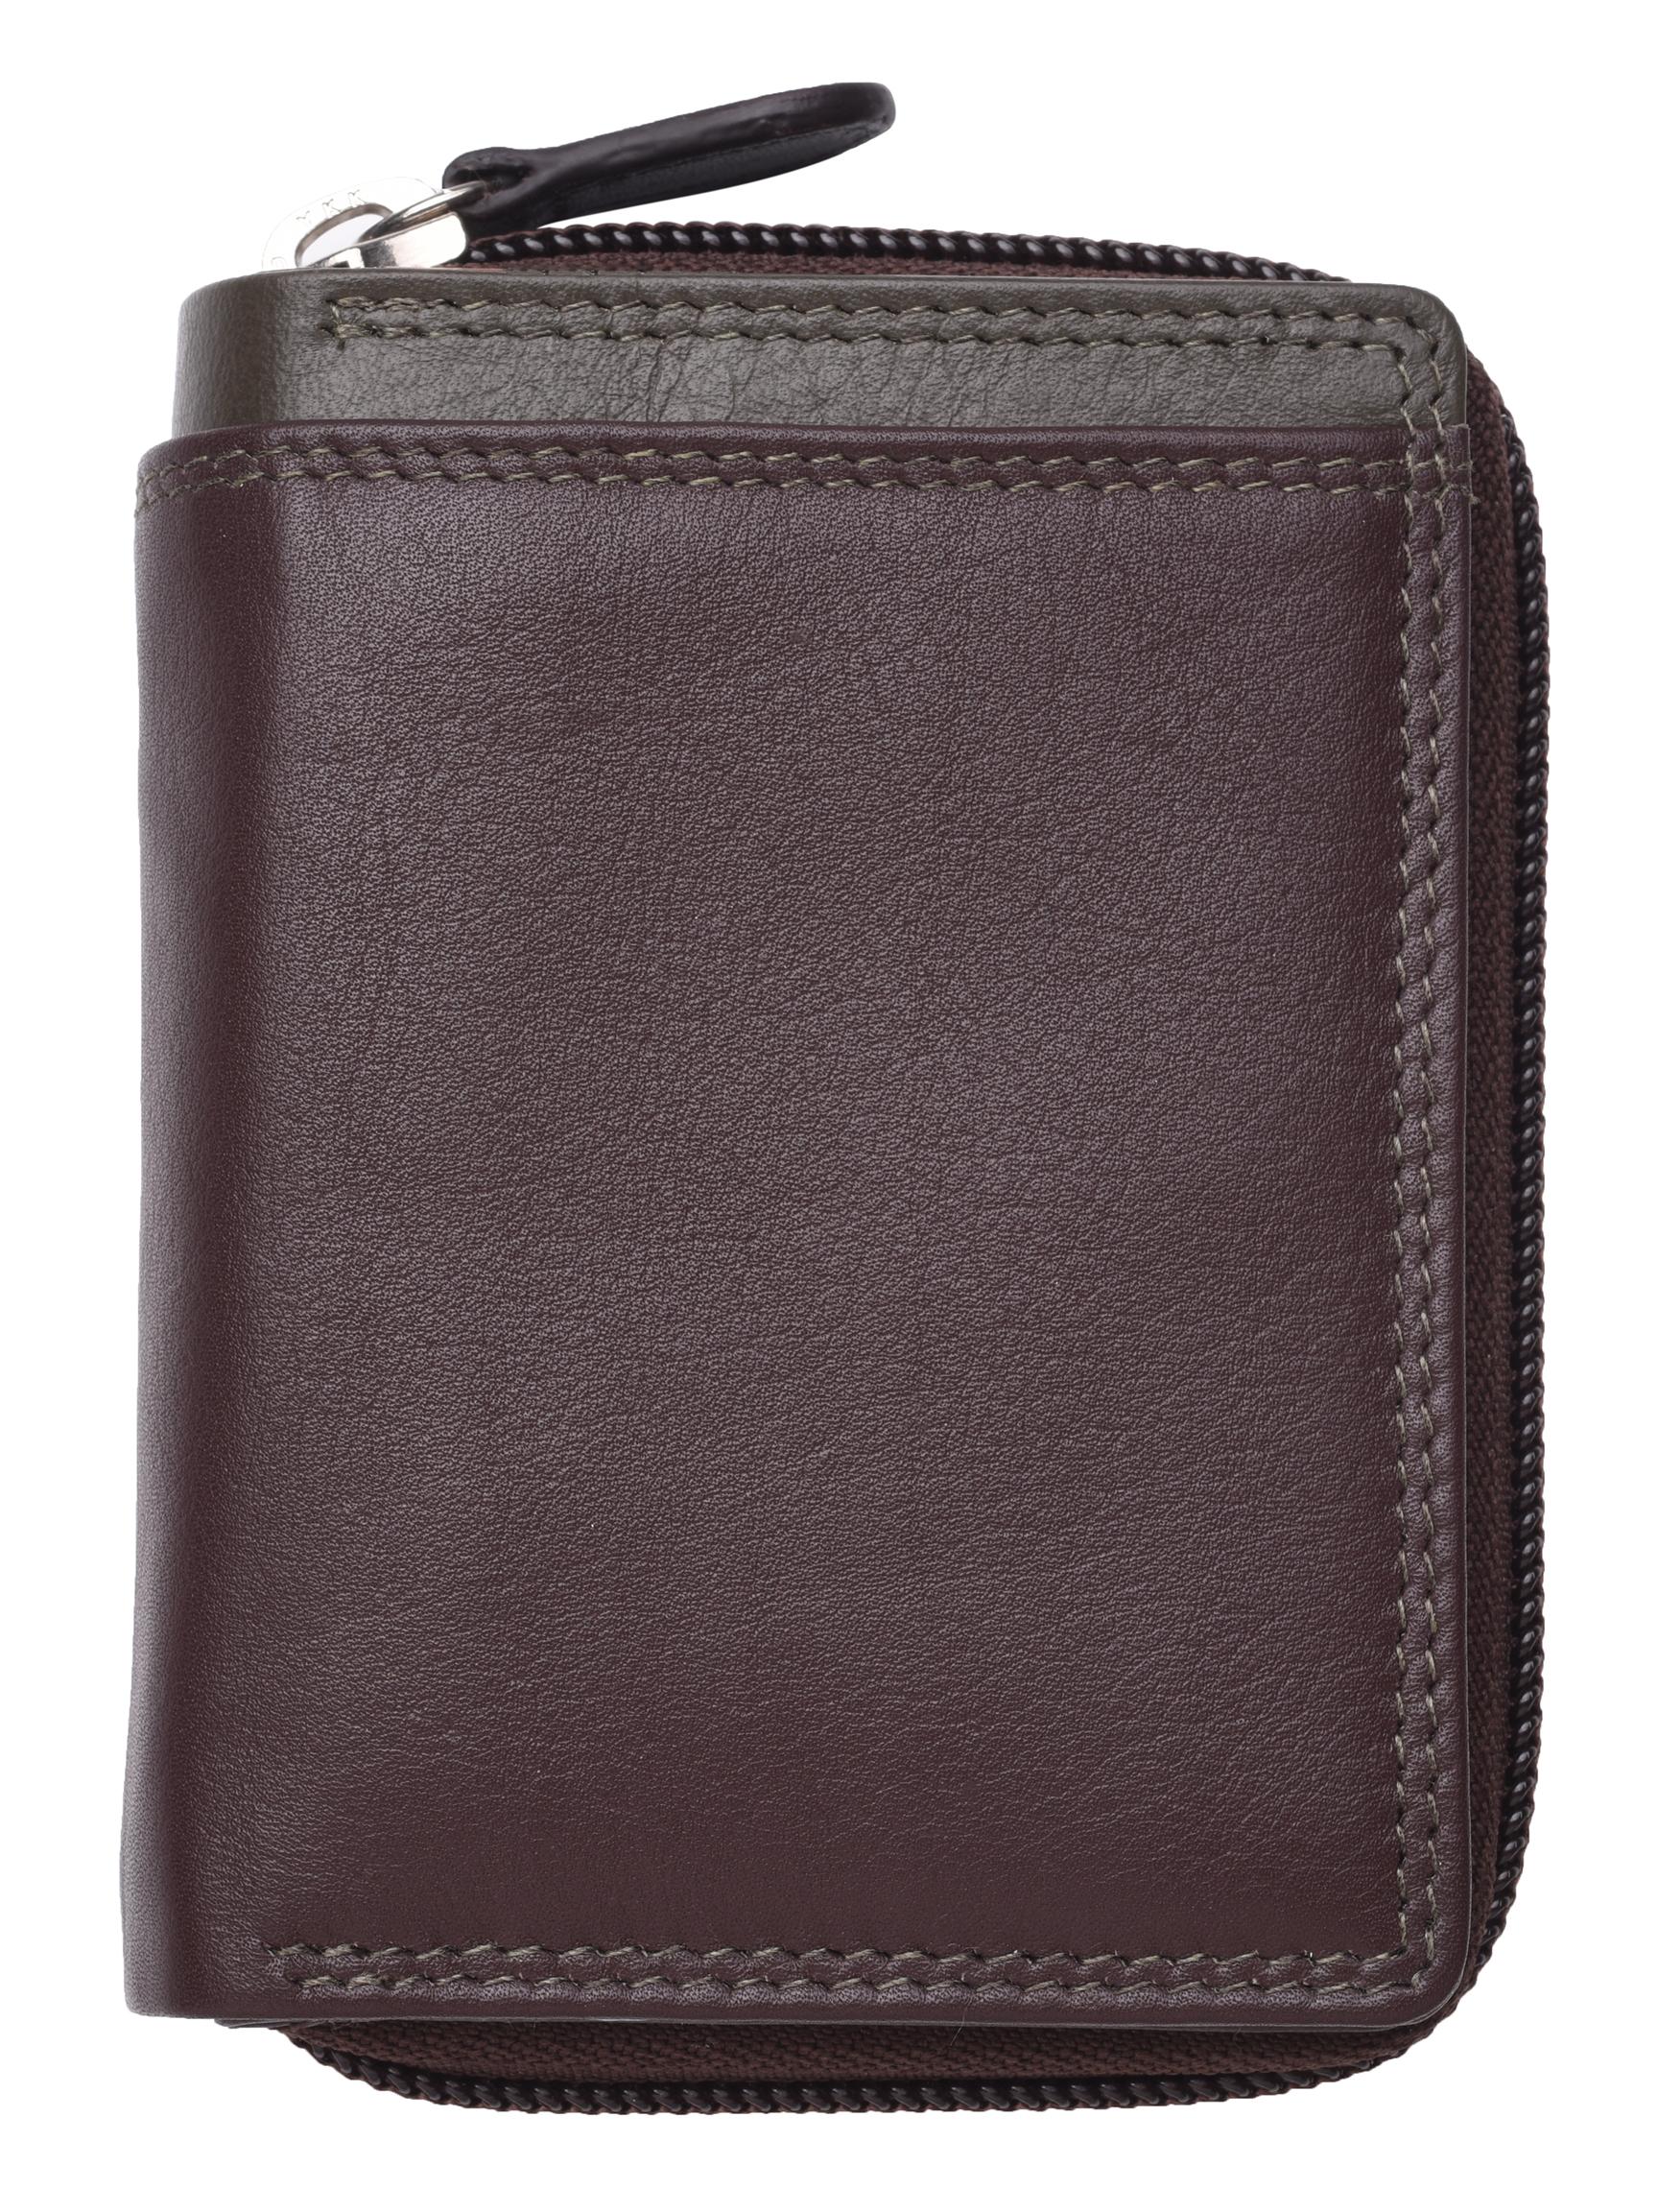 Femme-Femmes-RFID-Bloquant-en-Cuir-Veritable-Petit-Sac-a-main-portefeuille-vert-rose-rouge miniature 9